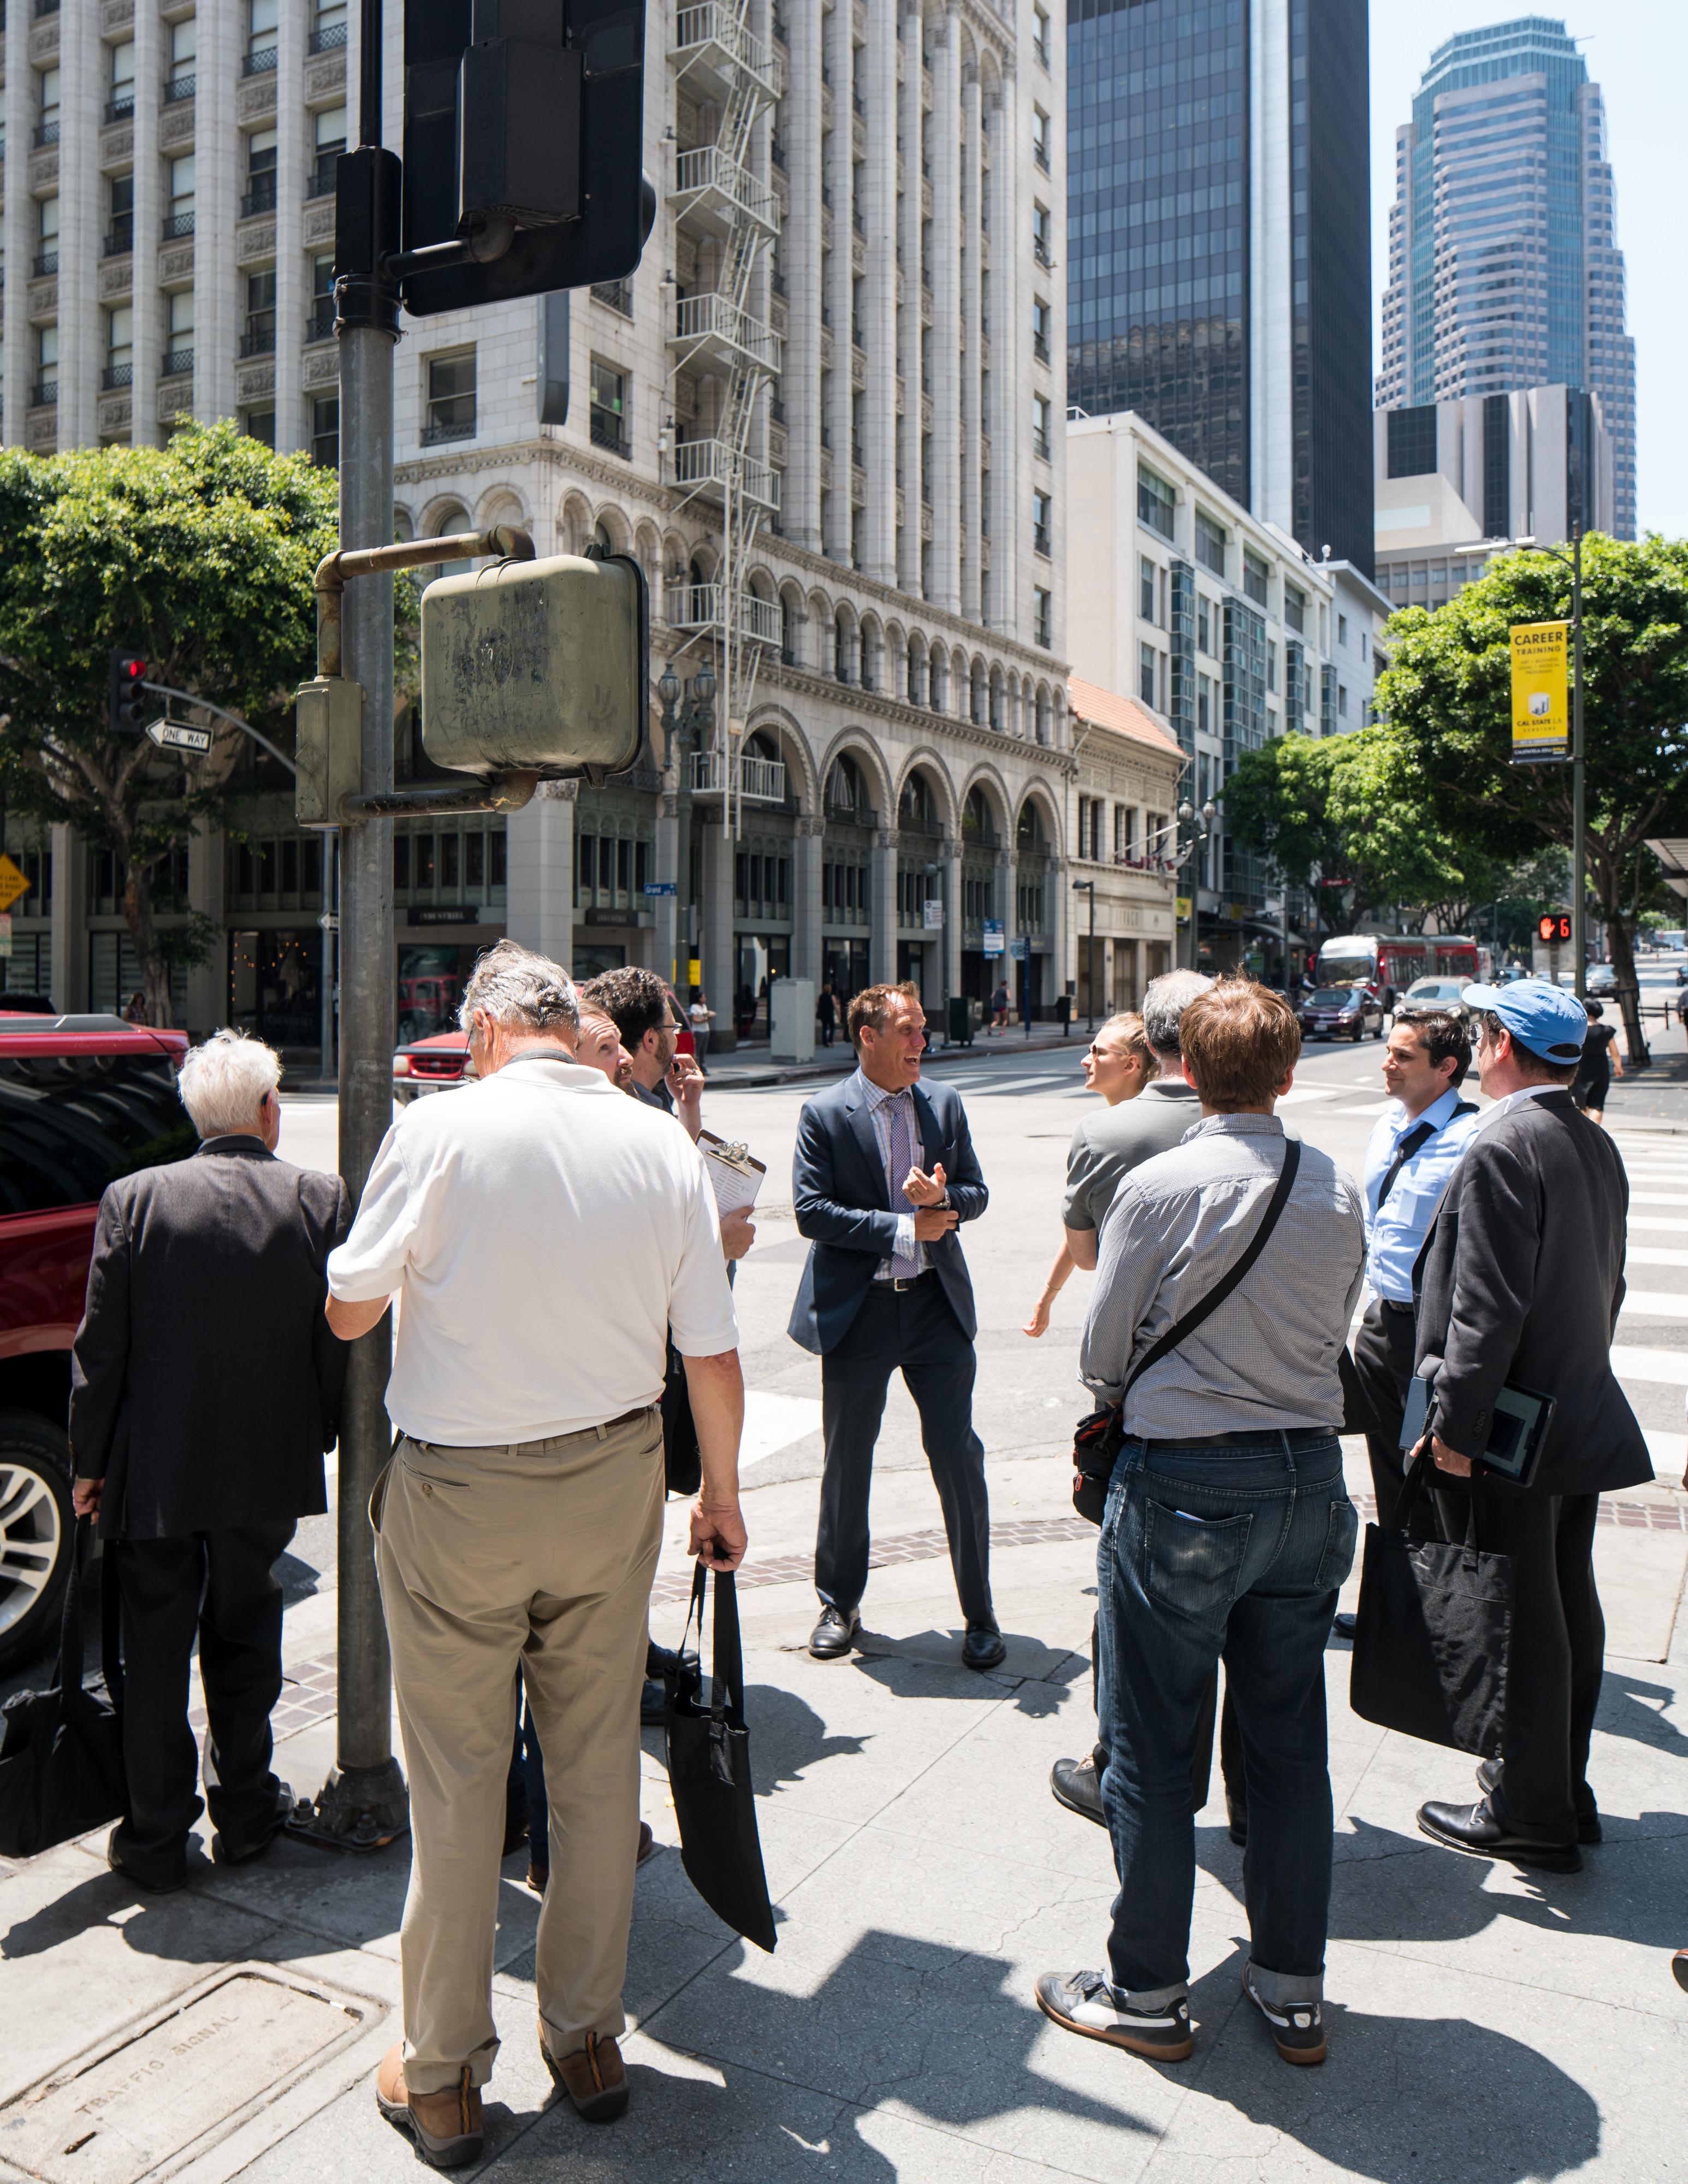 Downtown Center Business Improvement District |Nicholas Griffin | DTLA